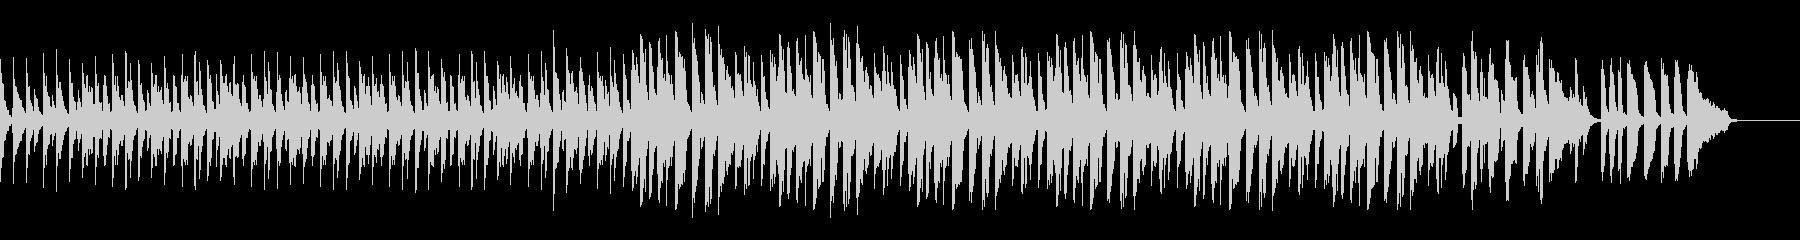 スローテンポドラム、ベース抜きの未再生の波形